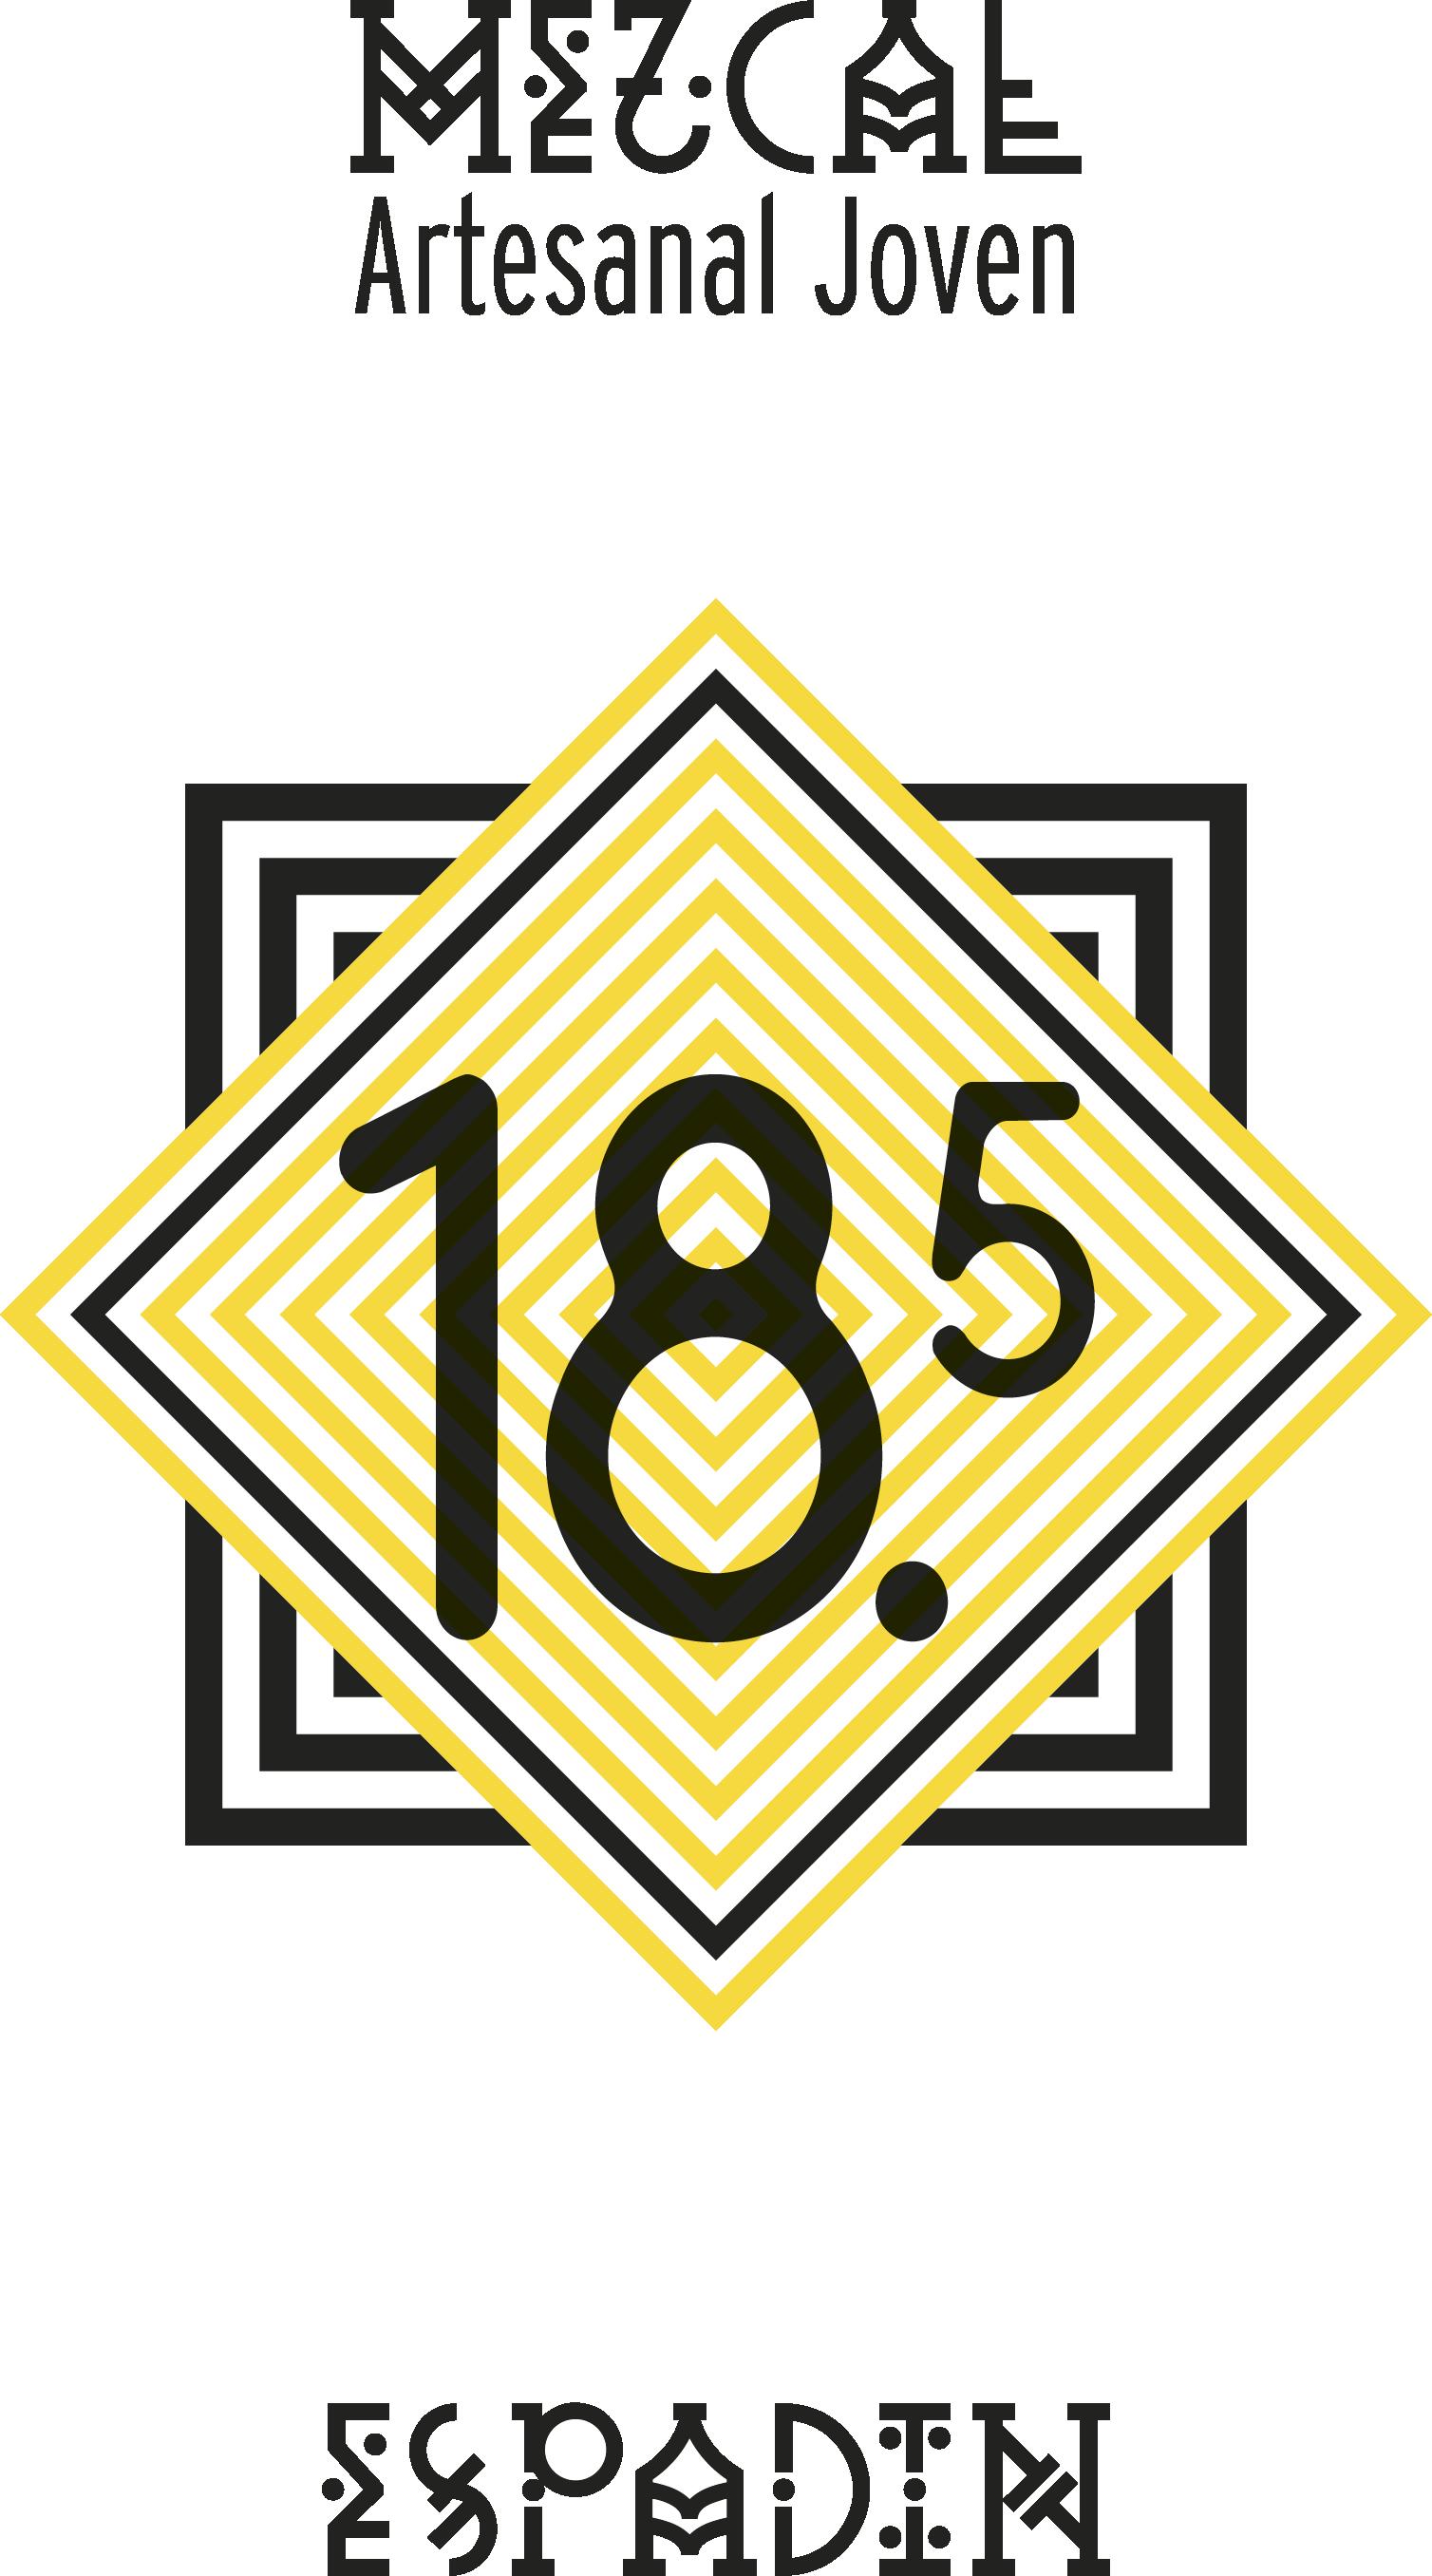 Nuevo logo 18.5